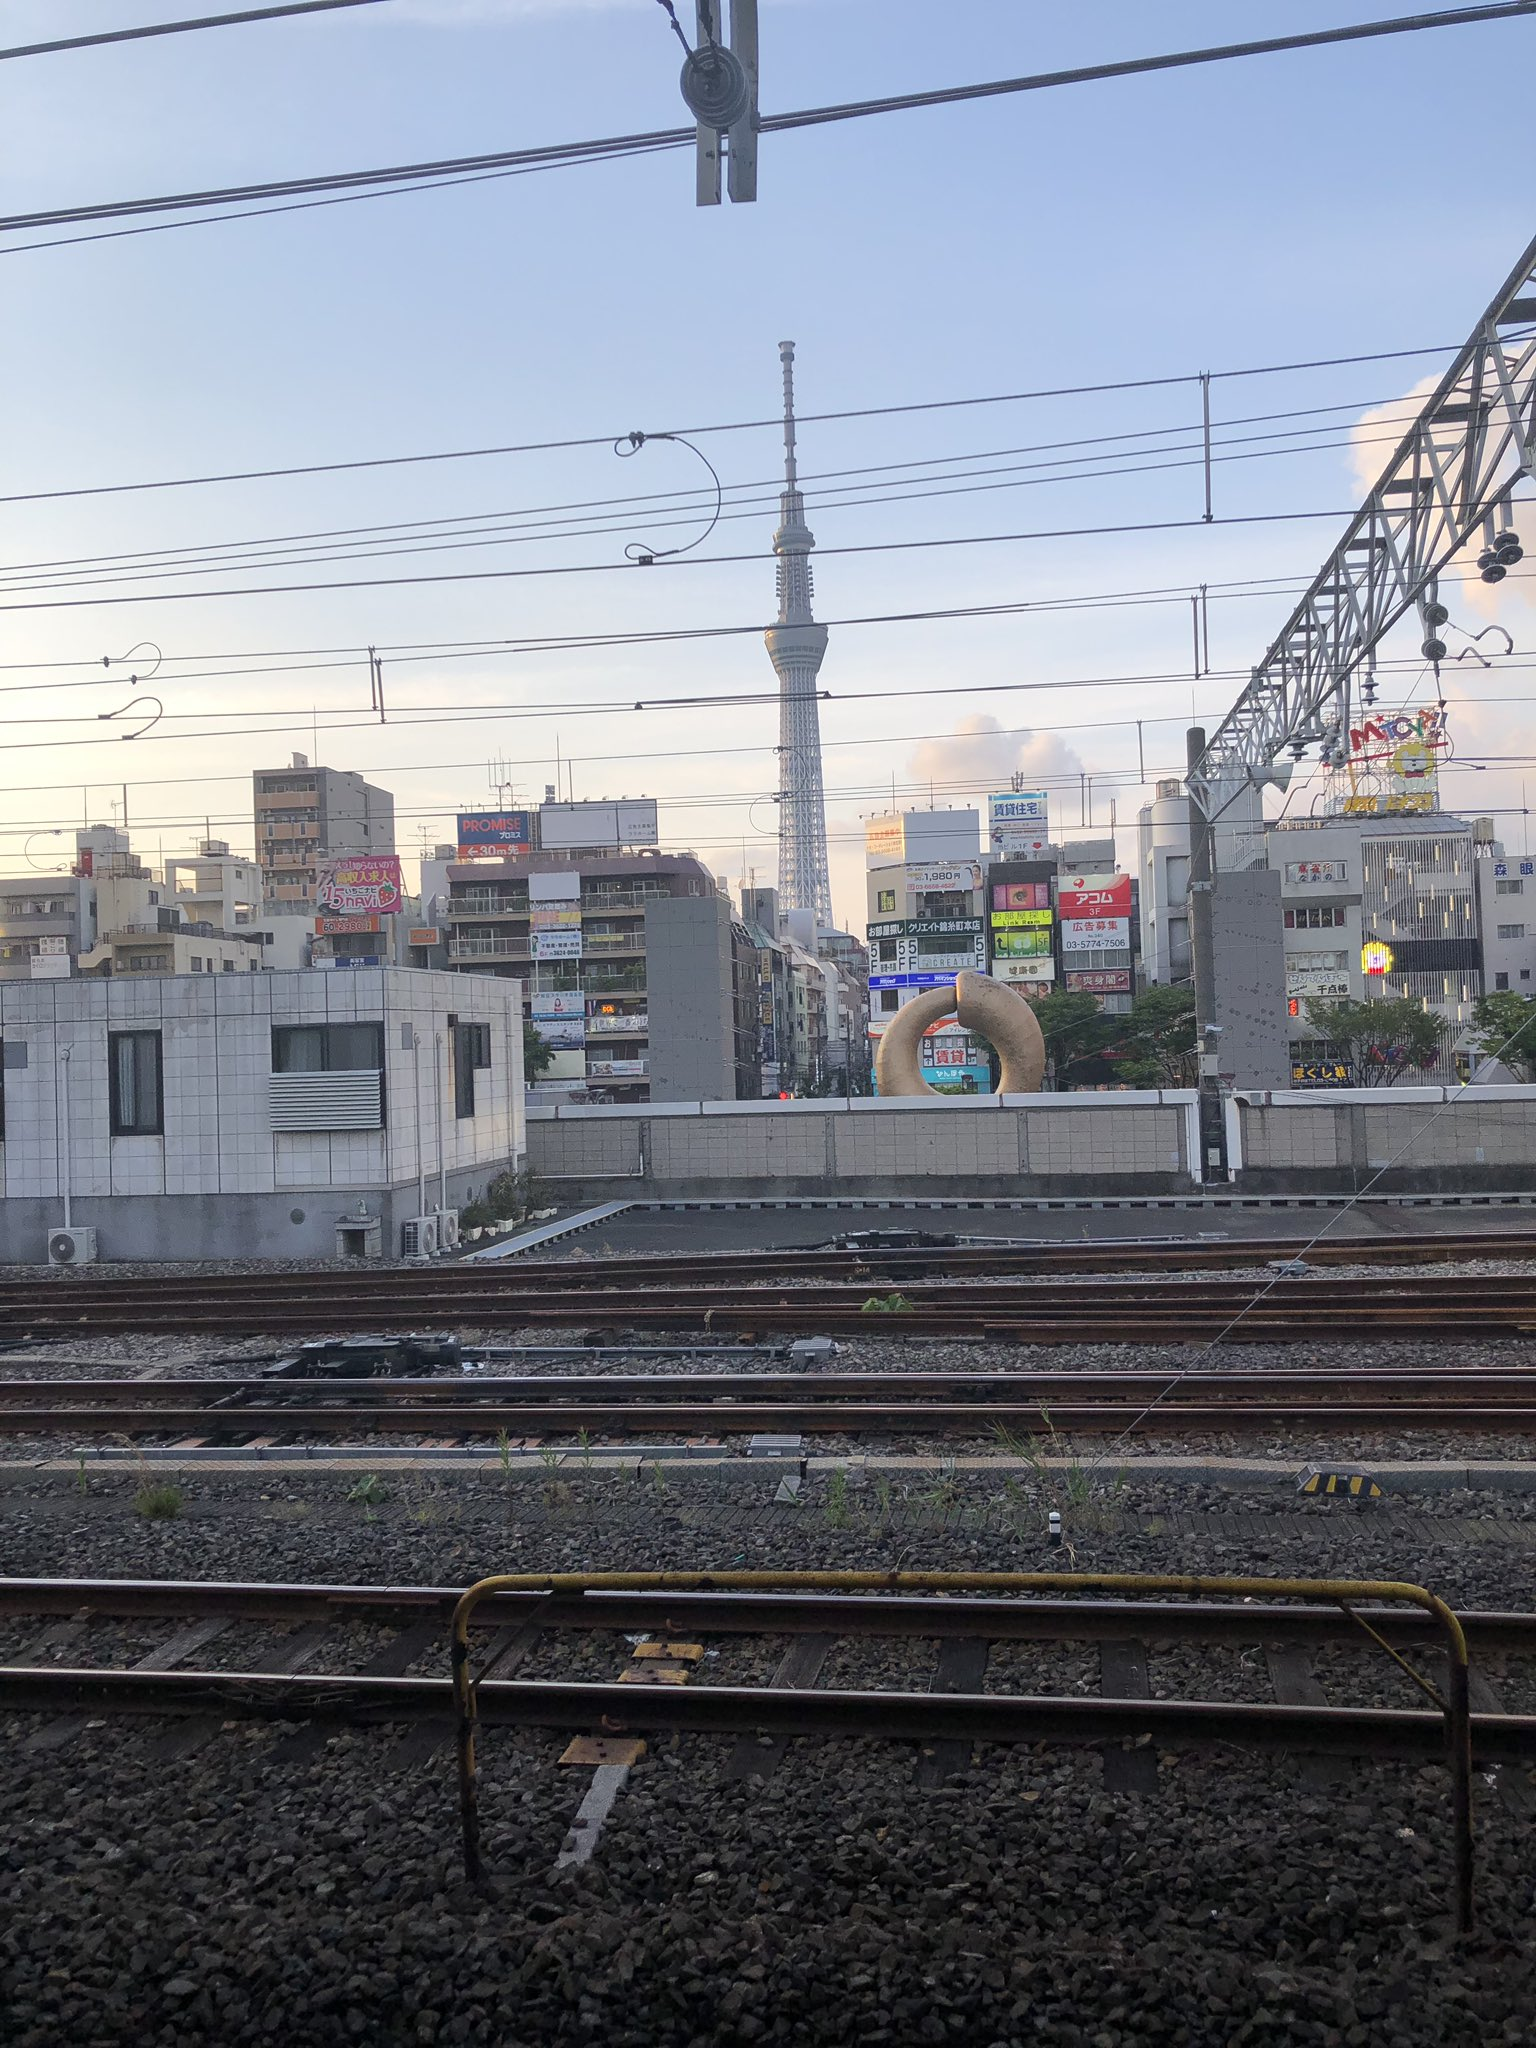 画像,東海道線の人身事故で総武快速線が遅れている模様Ω\ζ°)チーン https://t.co/8d1eUIsQnv。